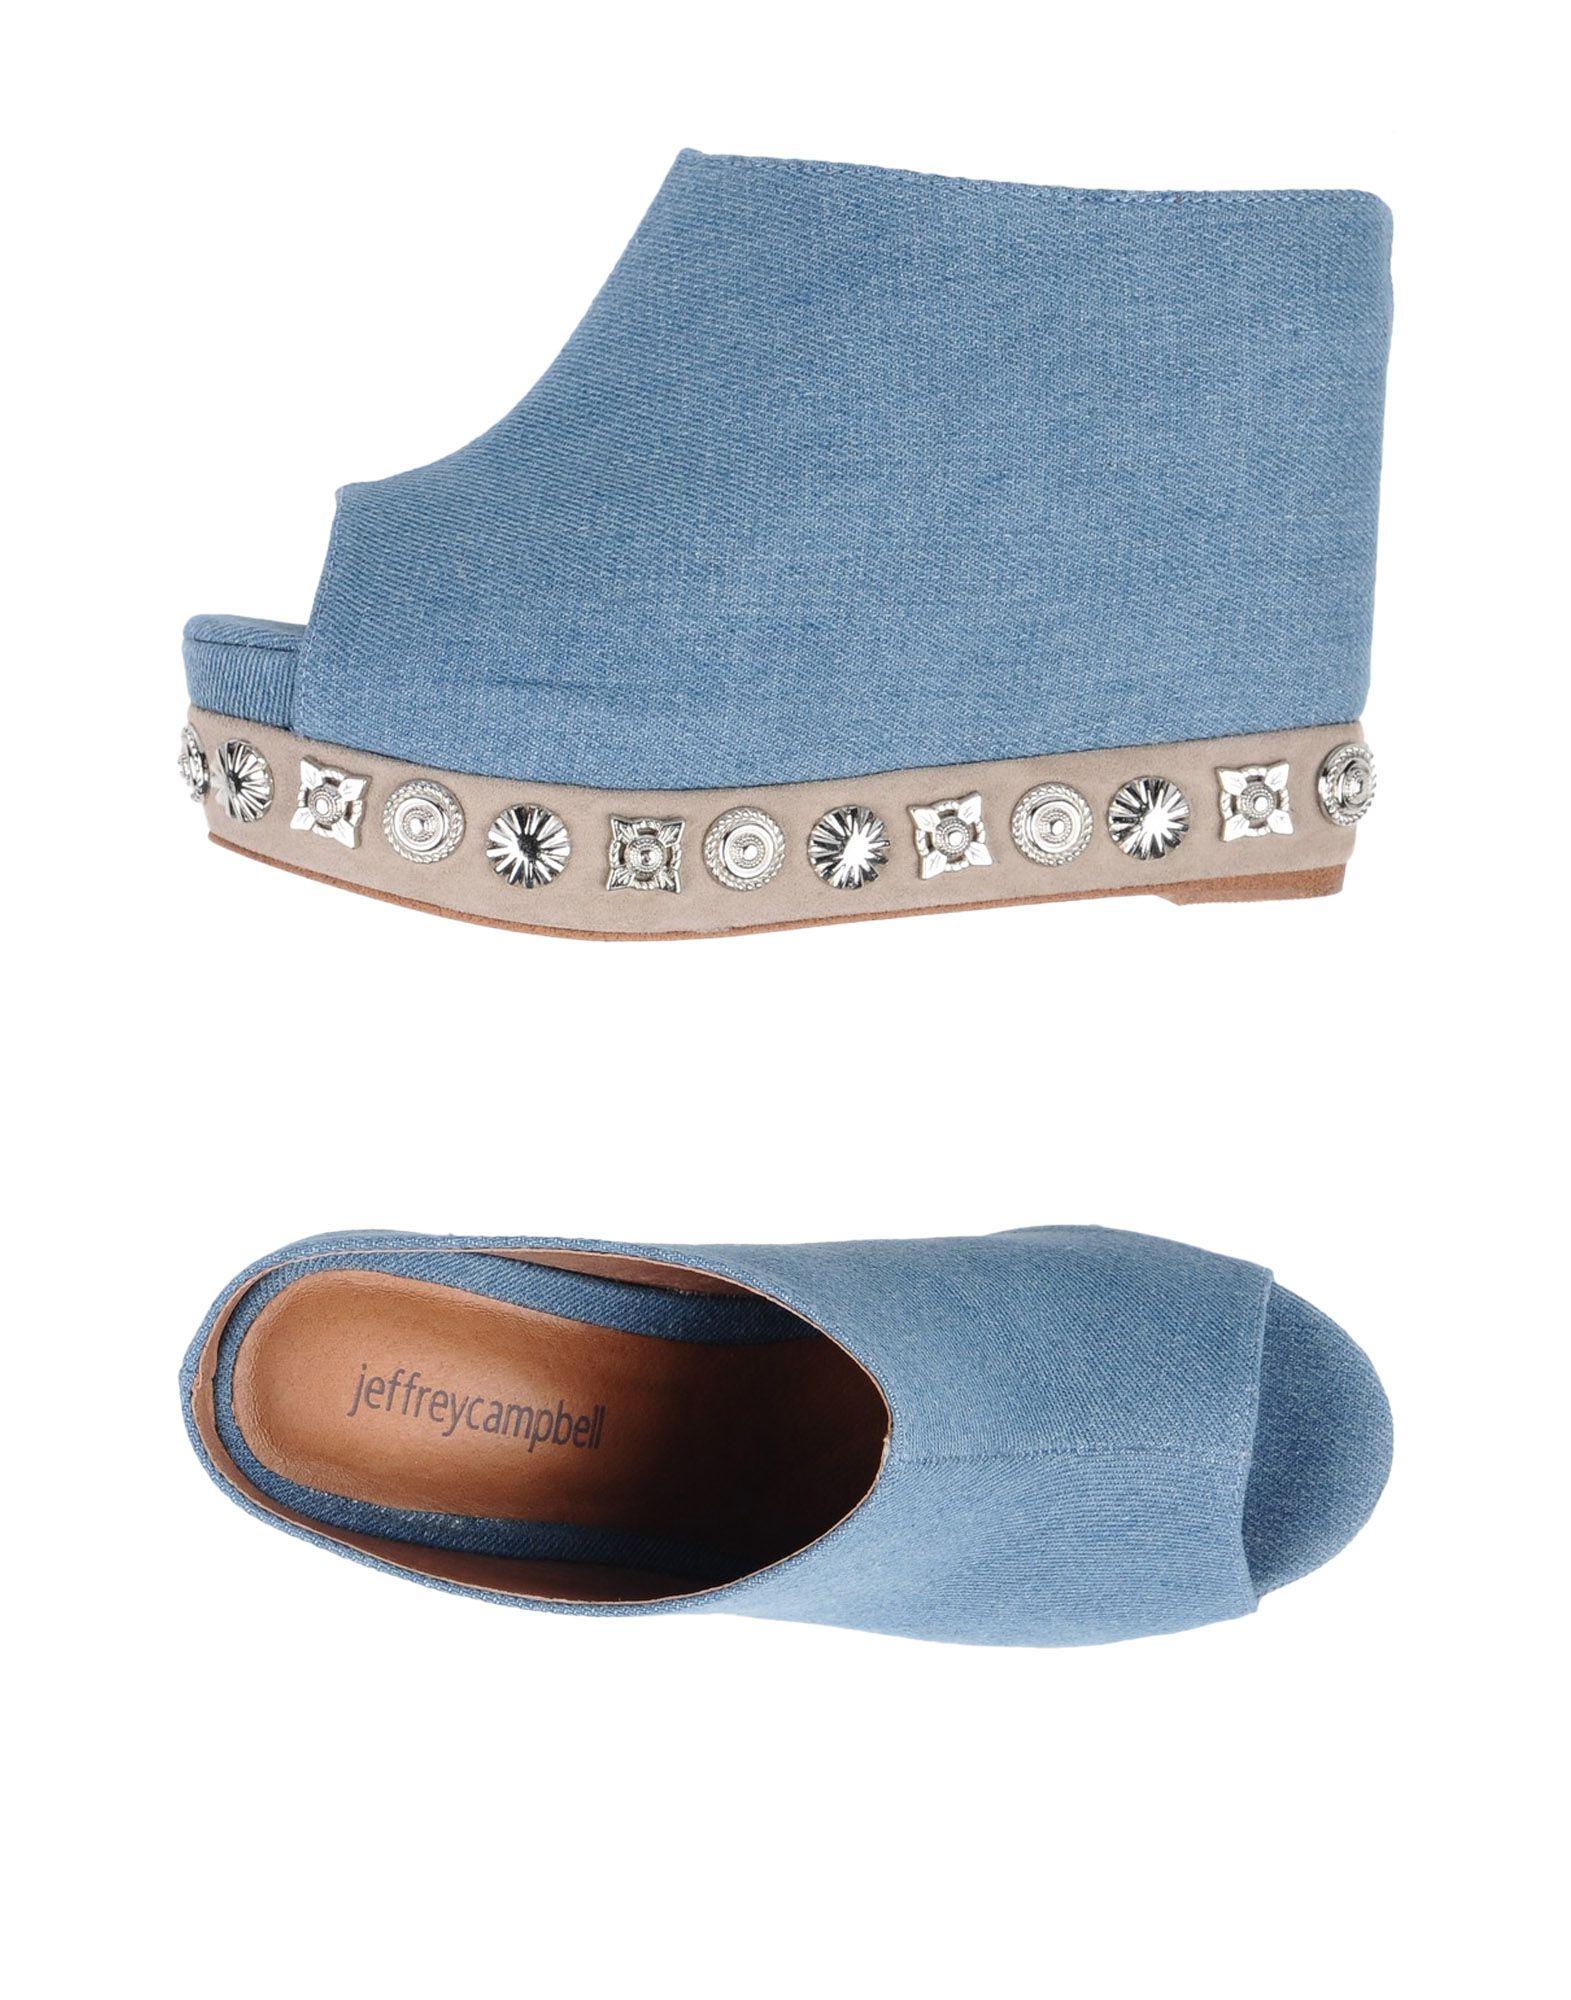 Jeffrey Campbell Pantoletten Damen  11339638AB Gute Qualität beliebte Schuhe